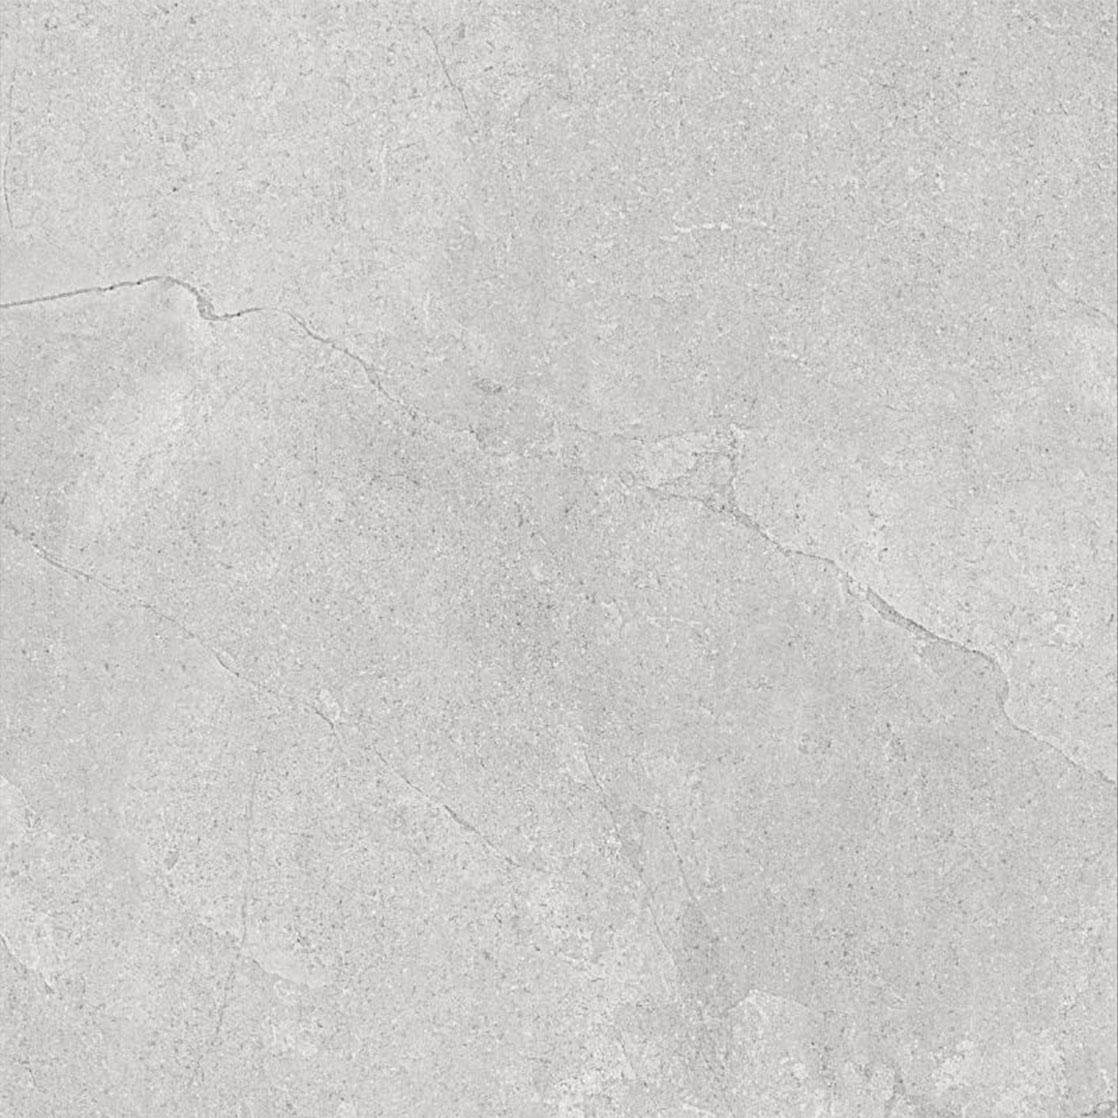 Gạch lát nền Porcelain Viglacera VG6012 giá tốt